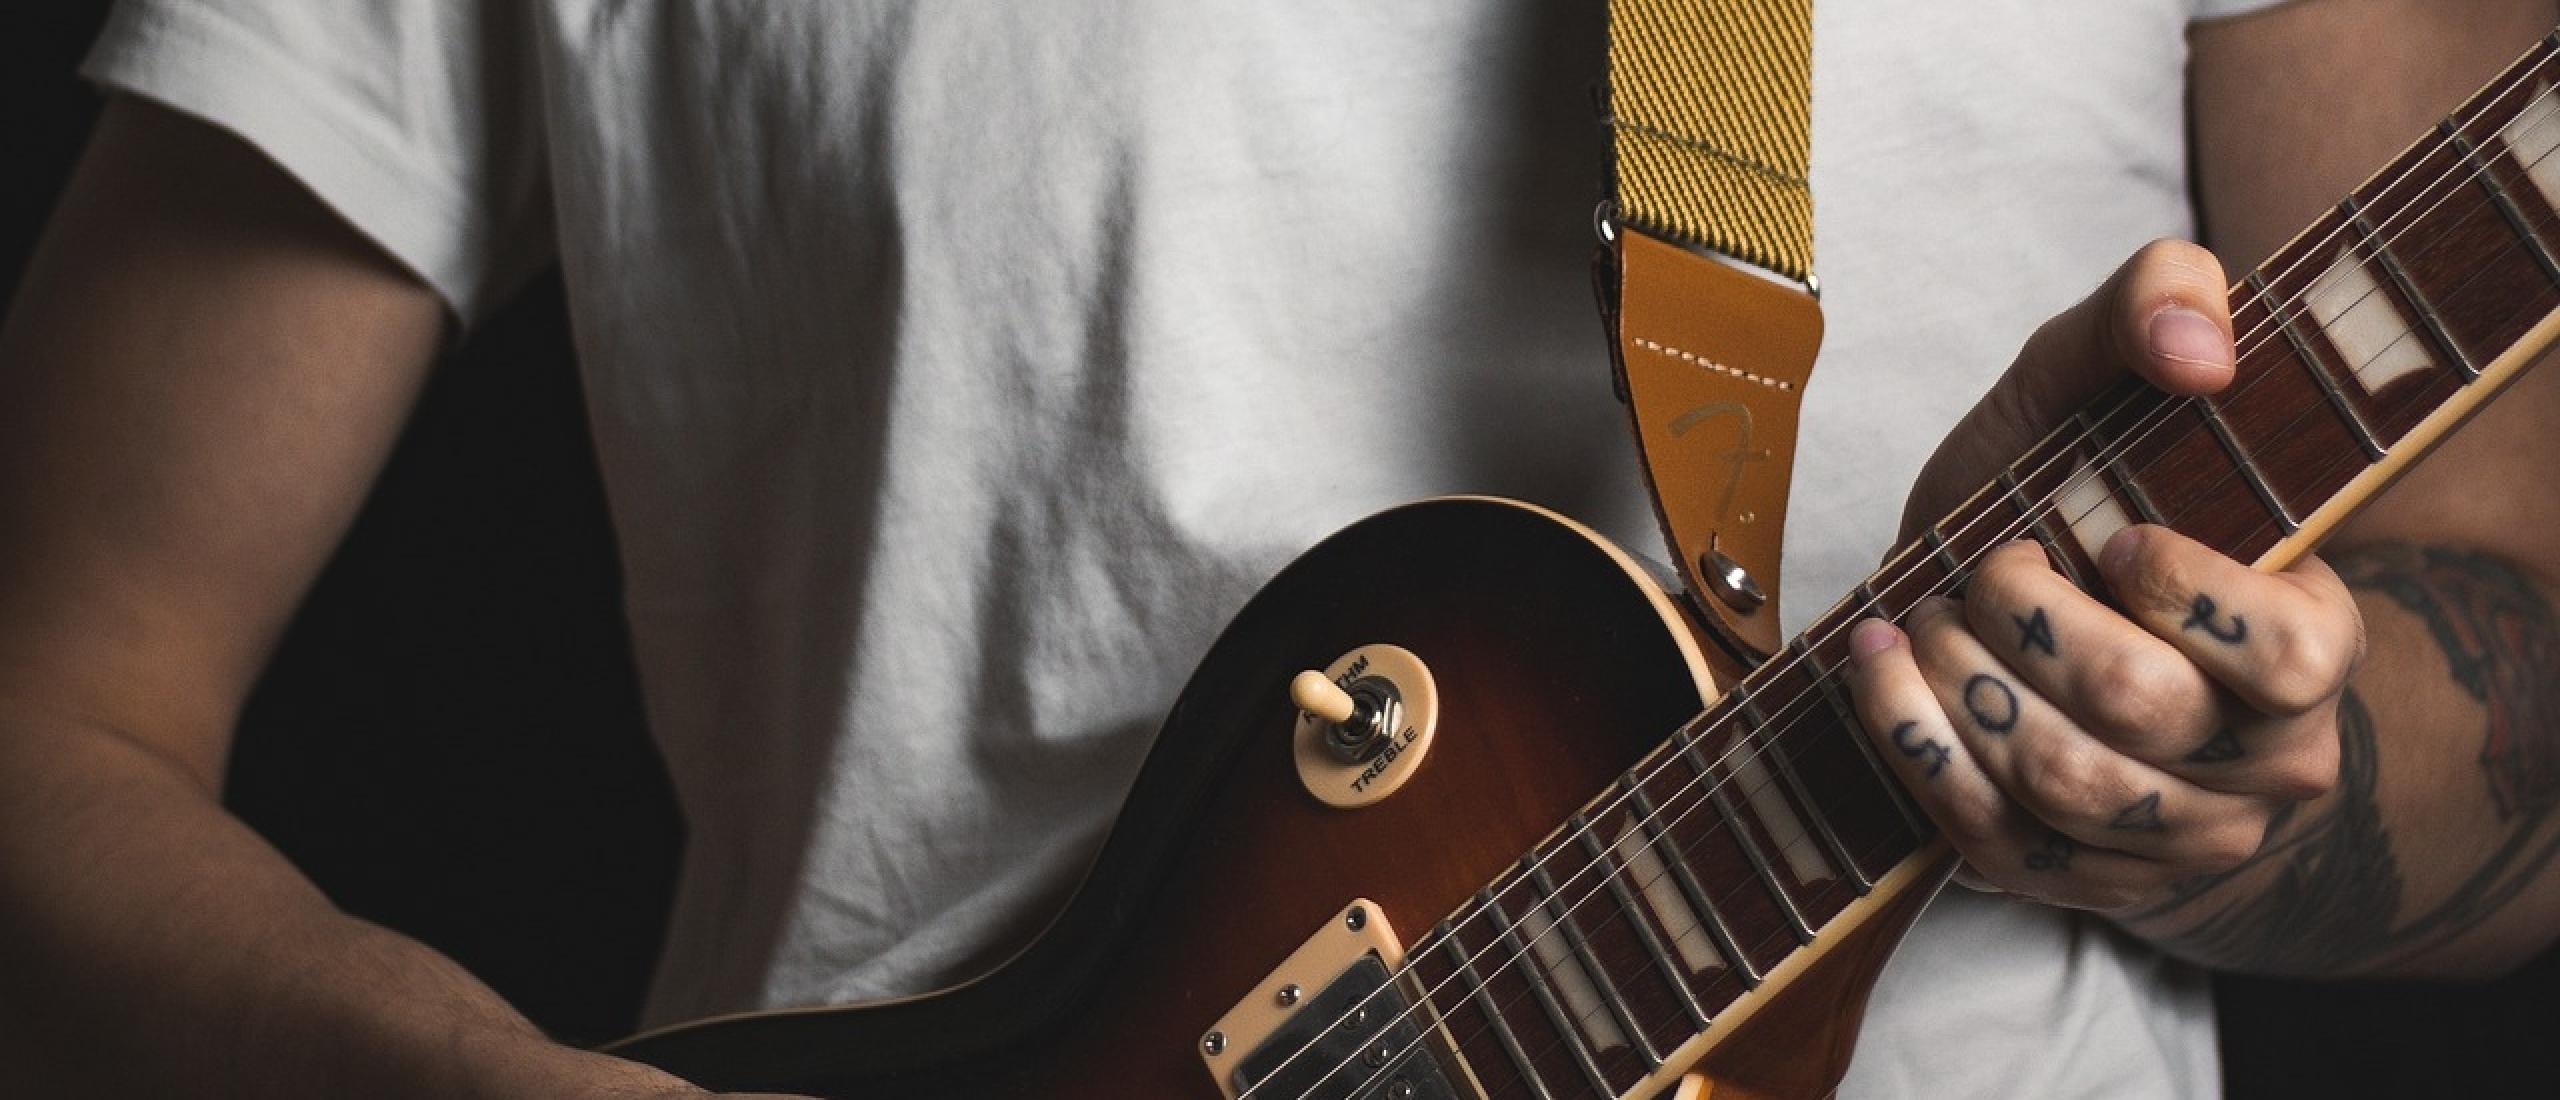 Strap buttons op je gitaar vervangen door strap locks. Kan ik dat zelf?